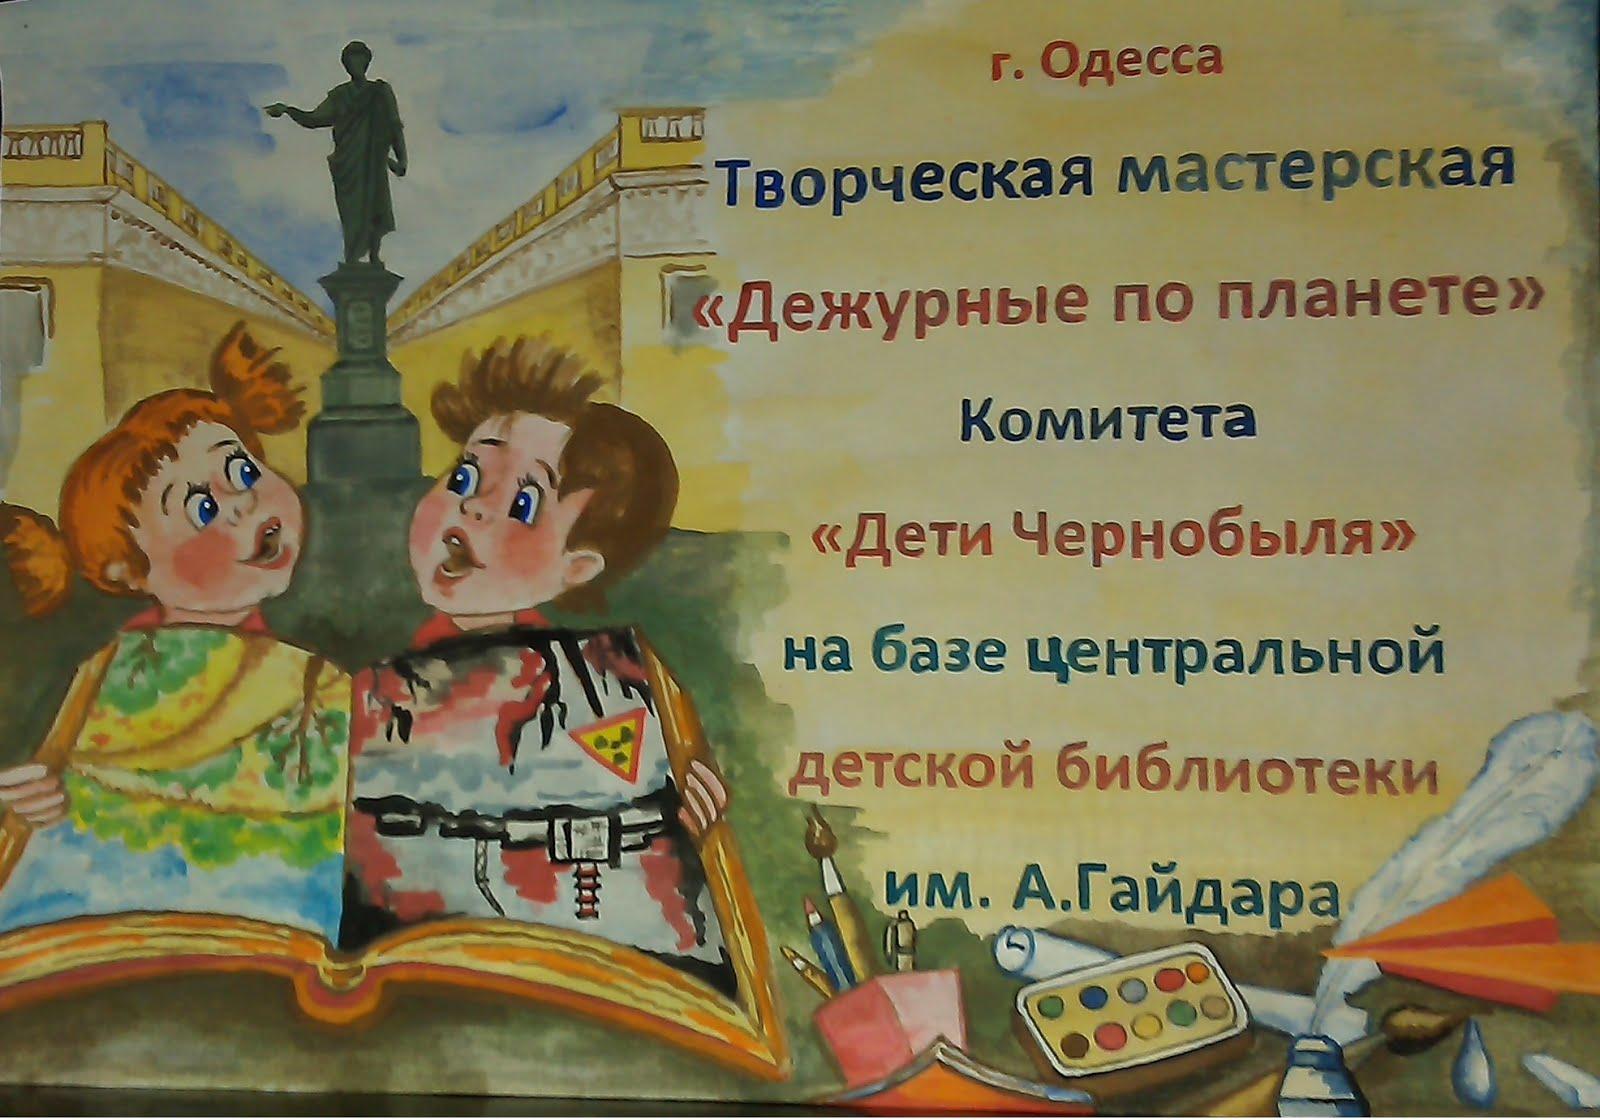 ТВОРЧЕСКАЯ МАСТЕРСКАЯ БИЦ